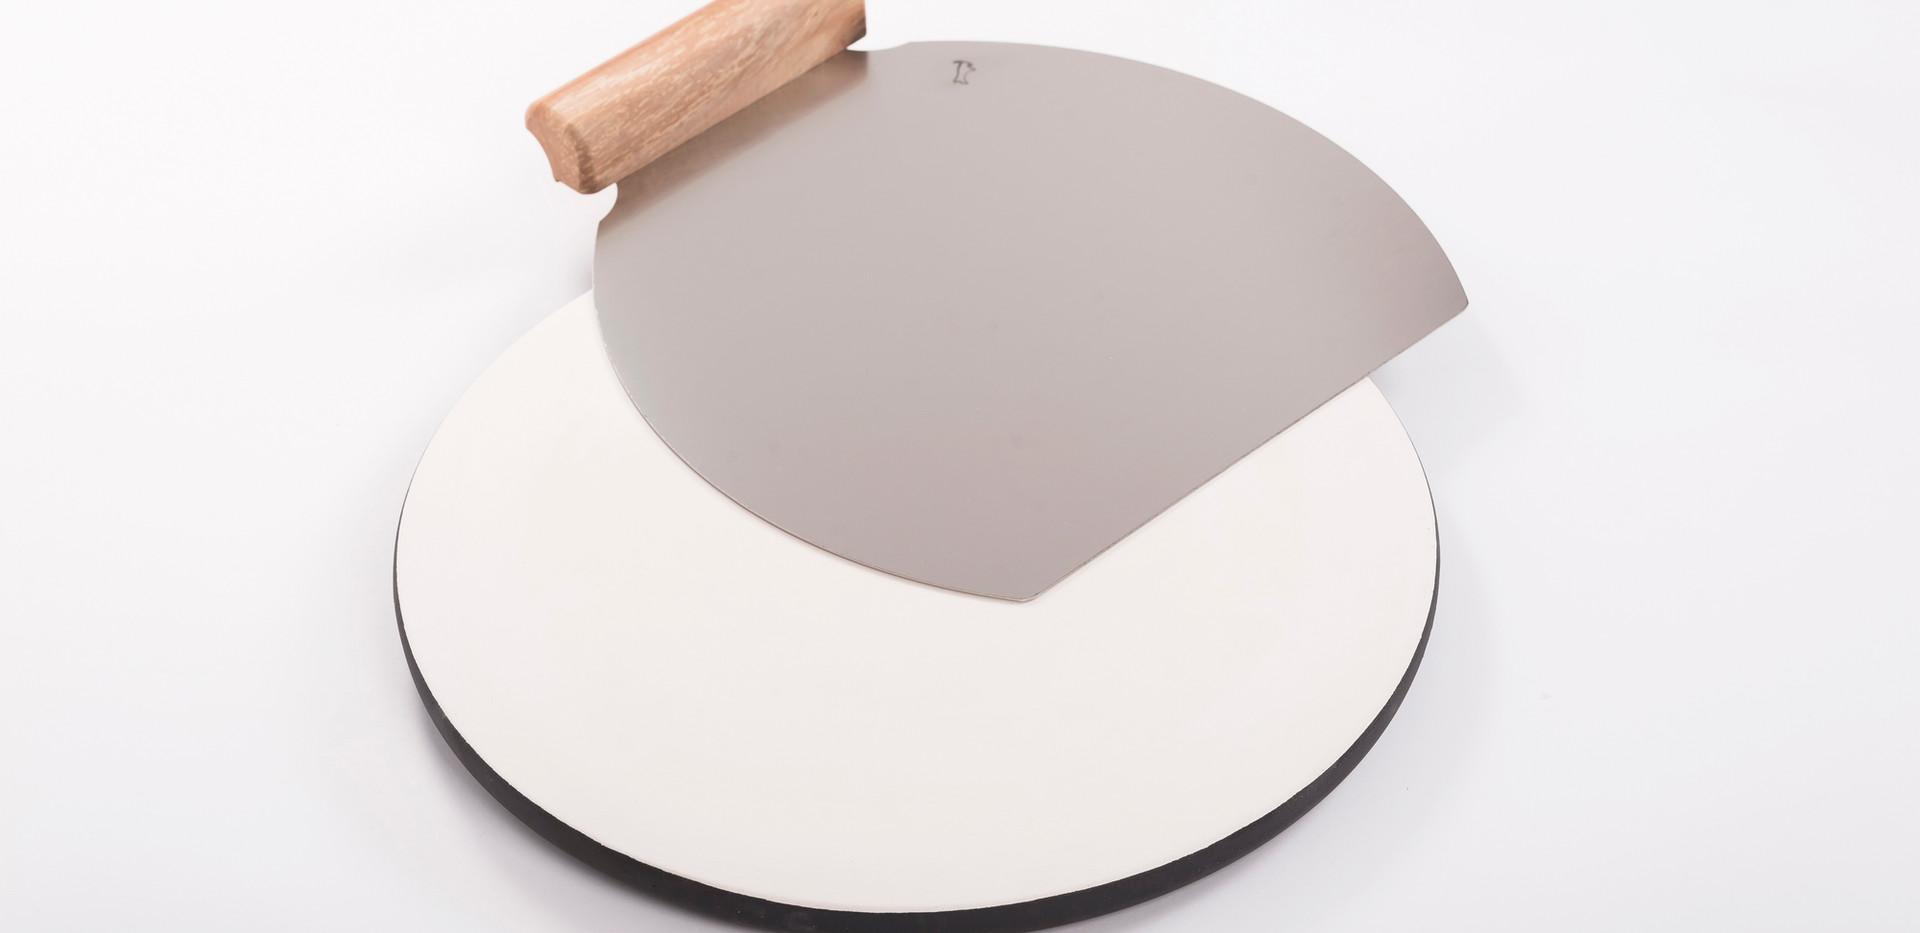 O SH_IL7 šamotna plošča 2 cm